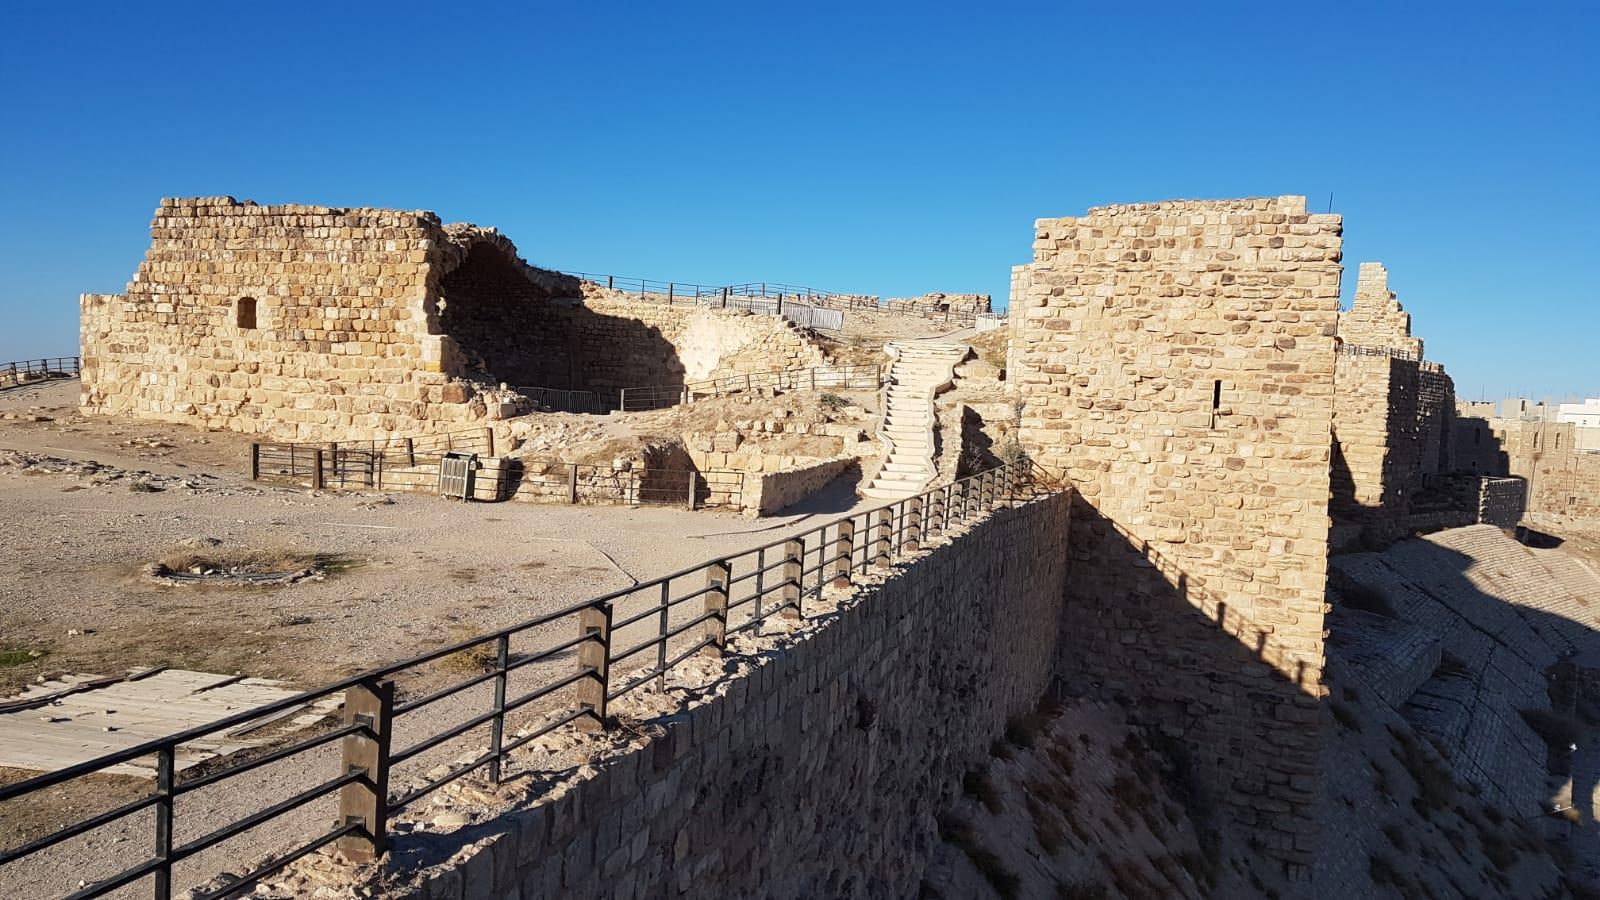 Křižácká pevnost Karak